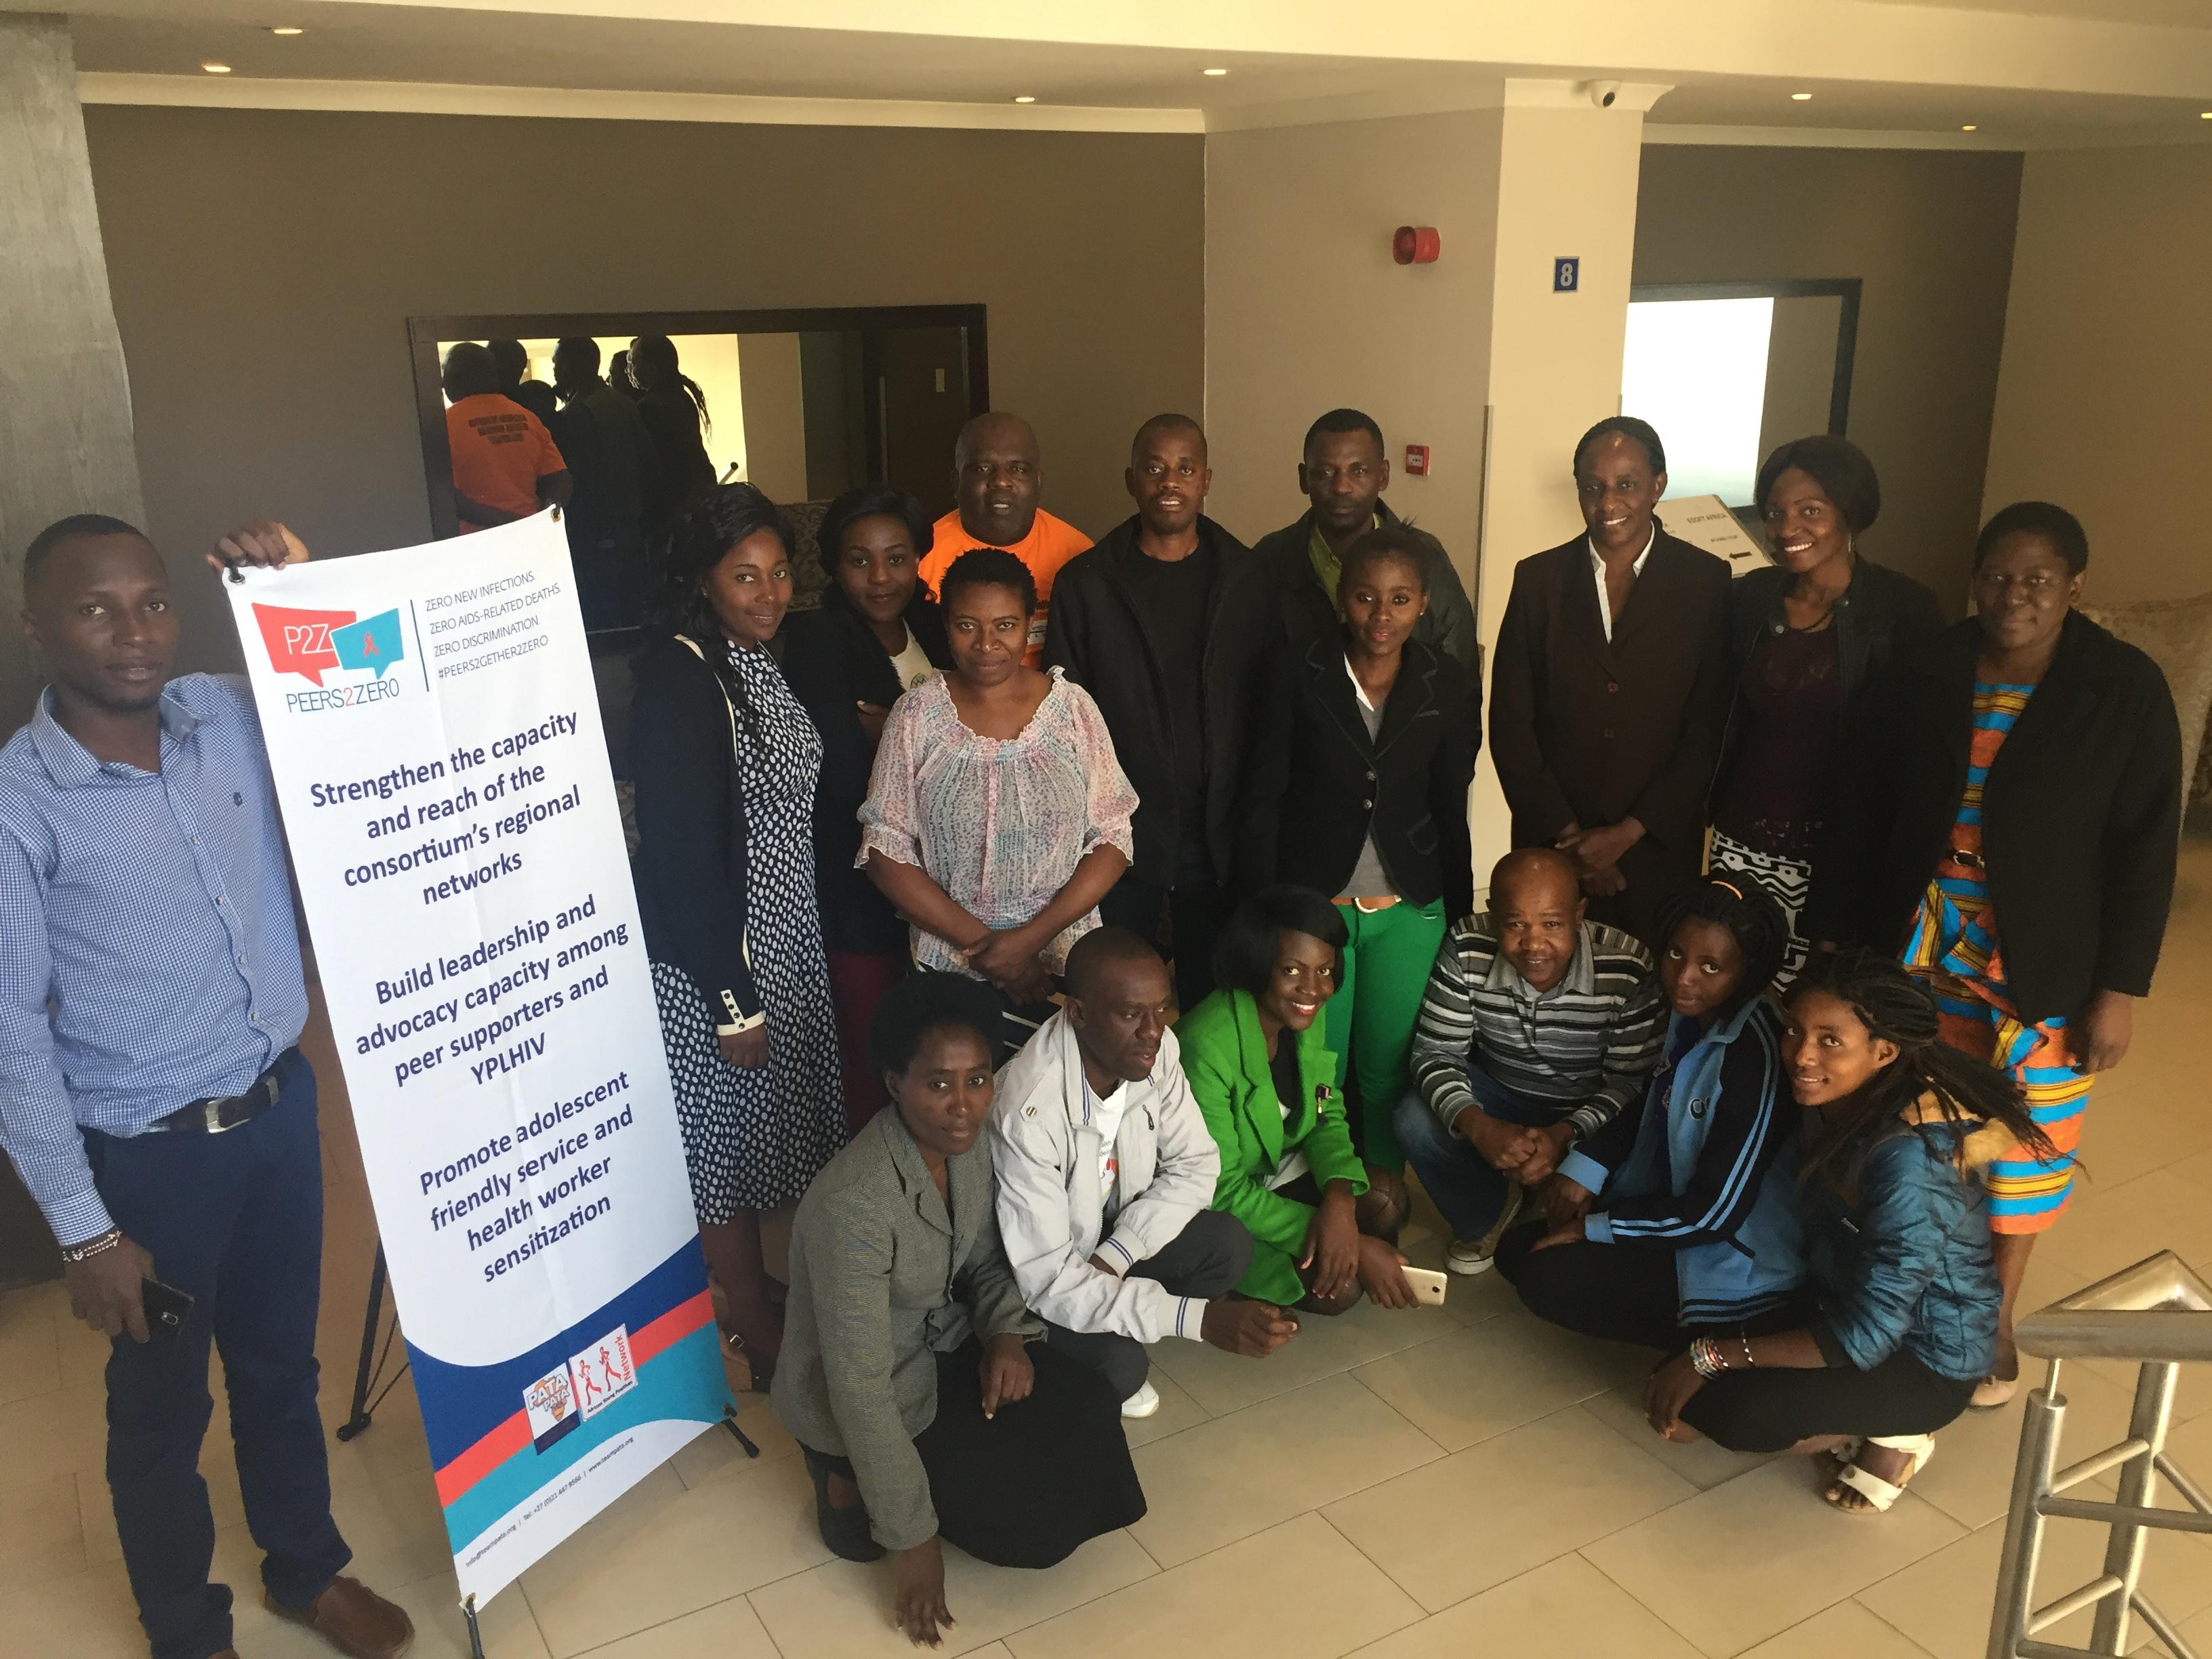 P2Z 2017 Lusaka, Zambia, Local Forum